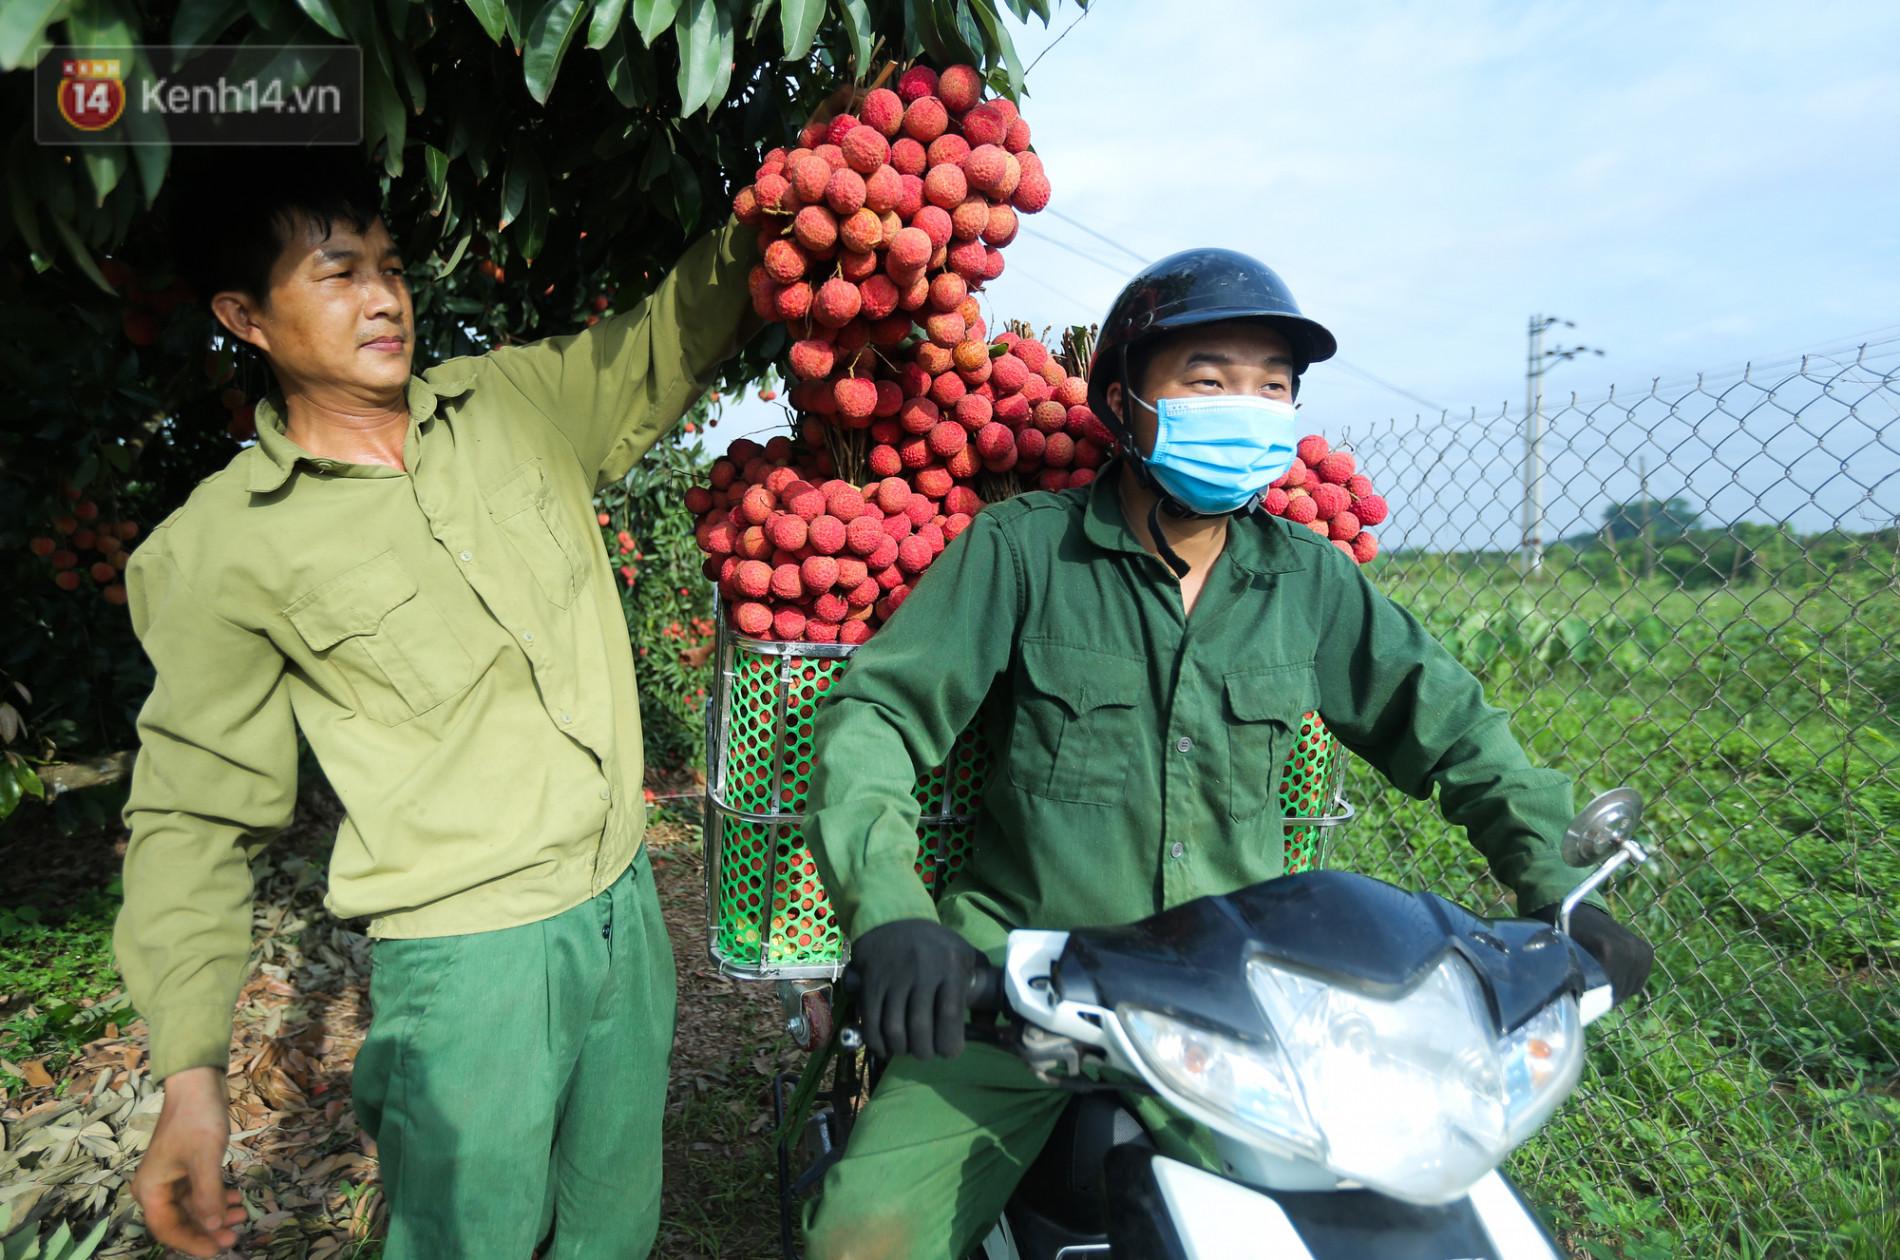 Ảnh: Nông dân Bắc Giang nối đuôi nhau chở vải thiều ra chợ, đường quê đỏ rực một màu - Ảnh 2.